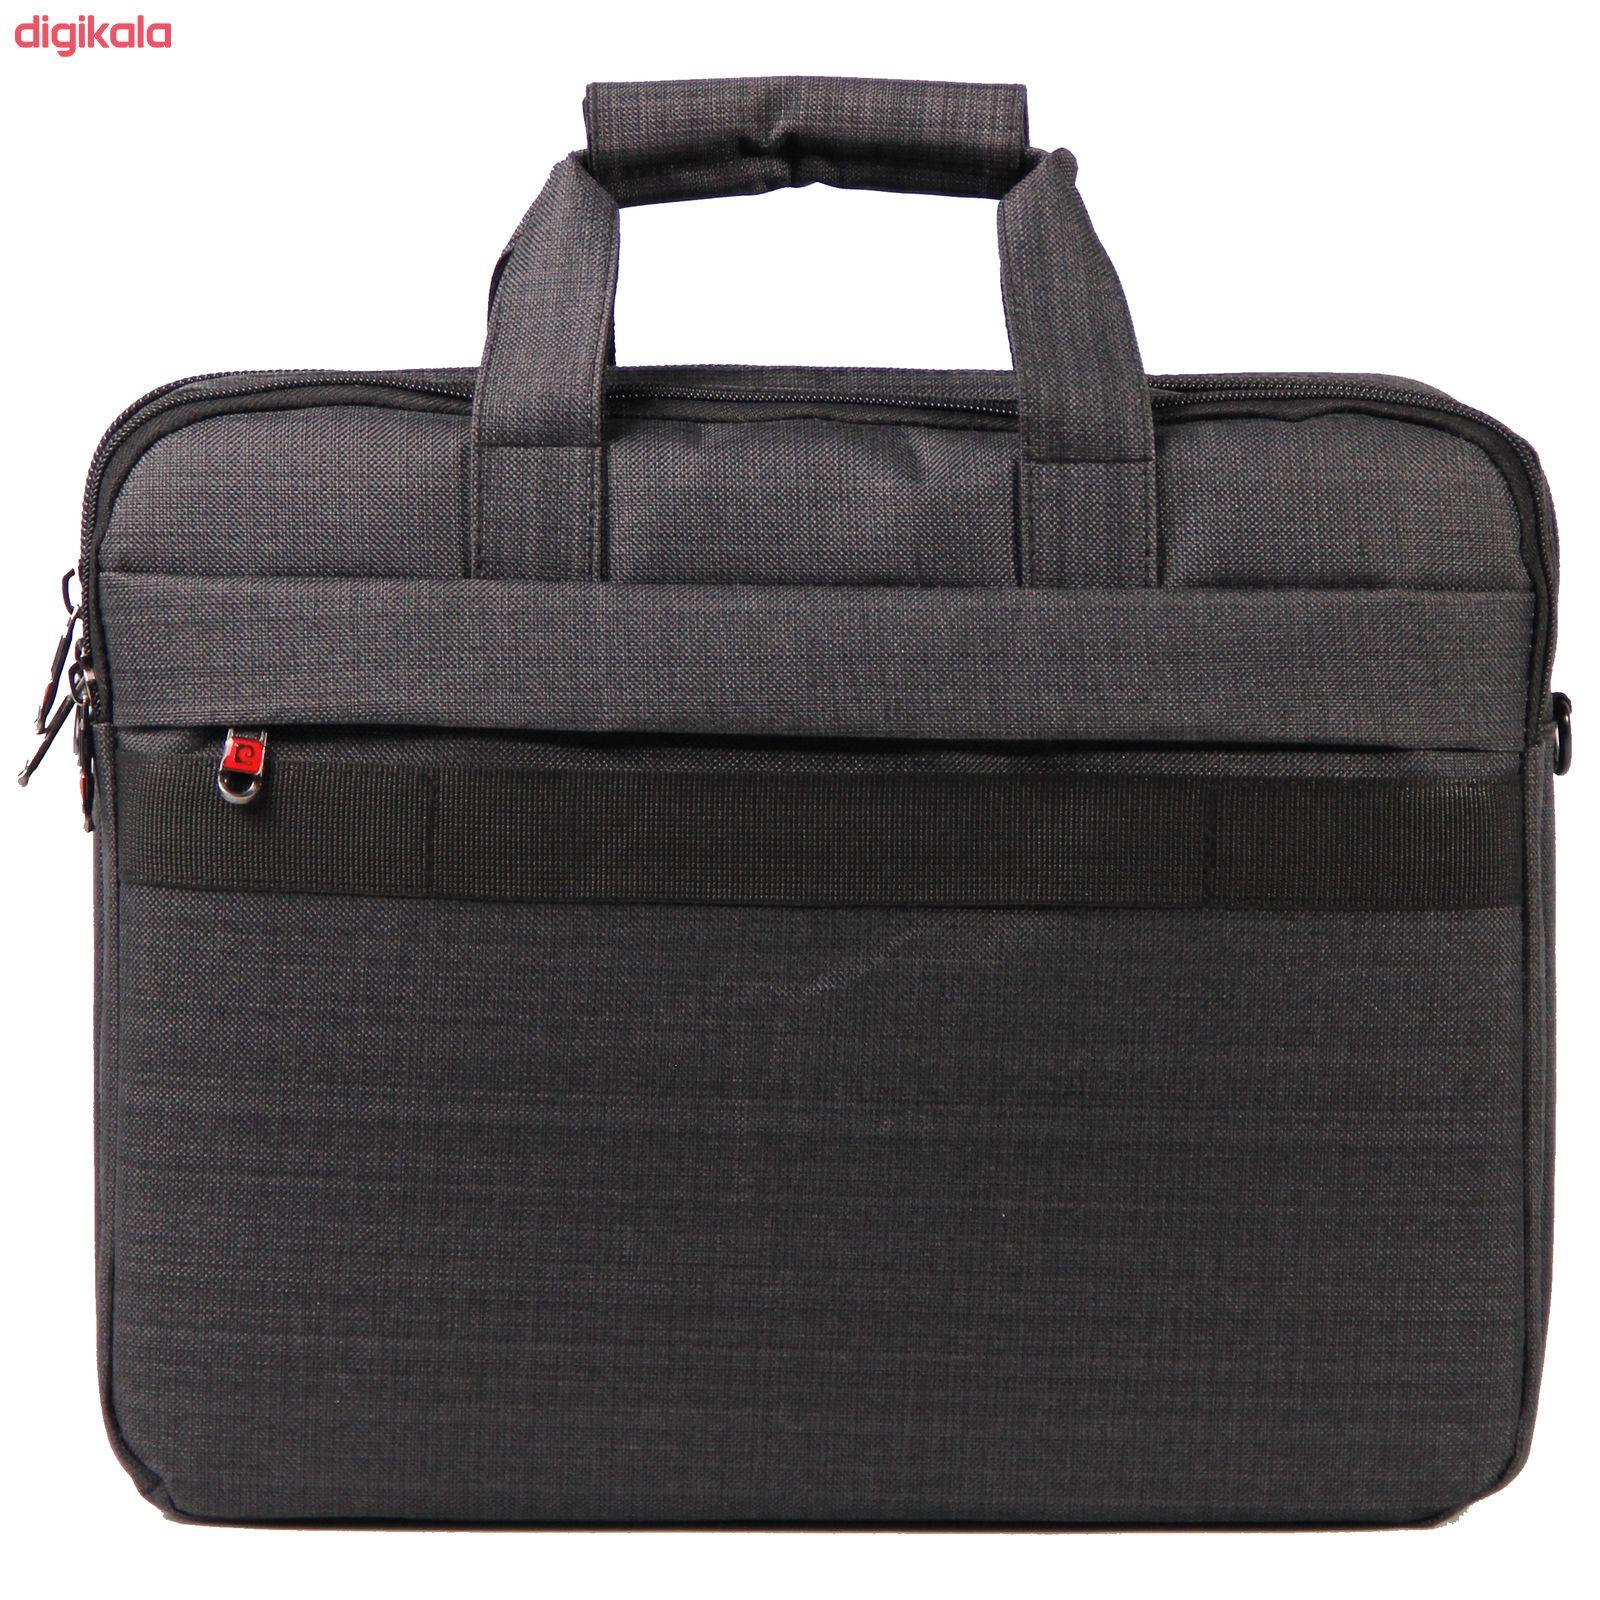 کیف لپ تاپ پیرکاردن کد 002 مدل pocket مناسب برای لپ تاپ 15.6 اینچی main 1 2